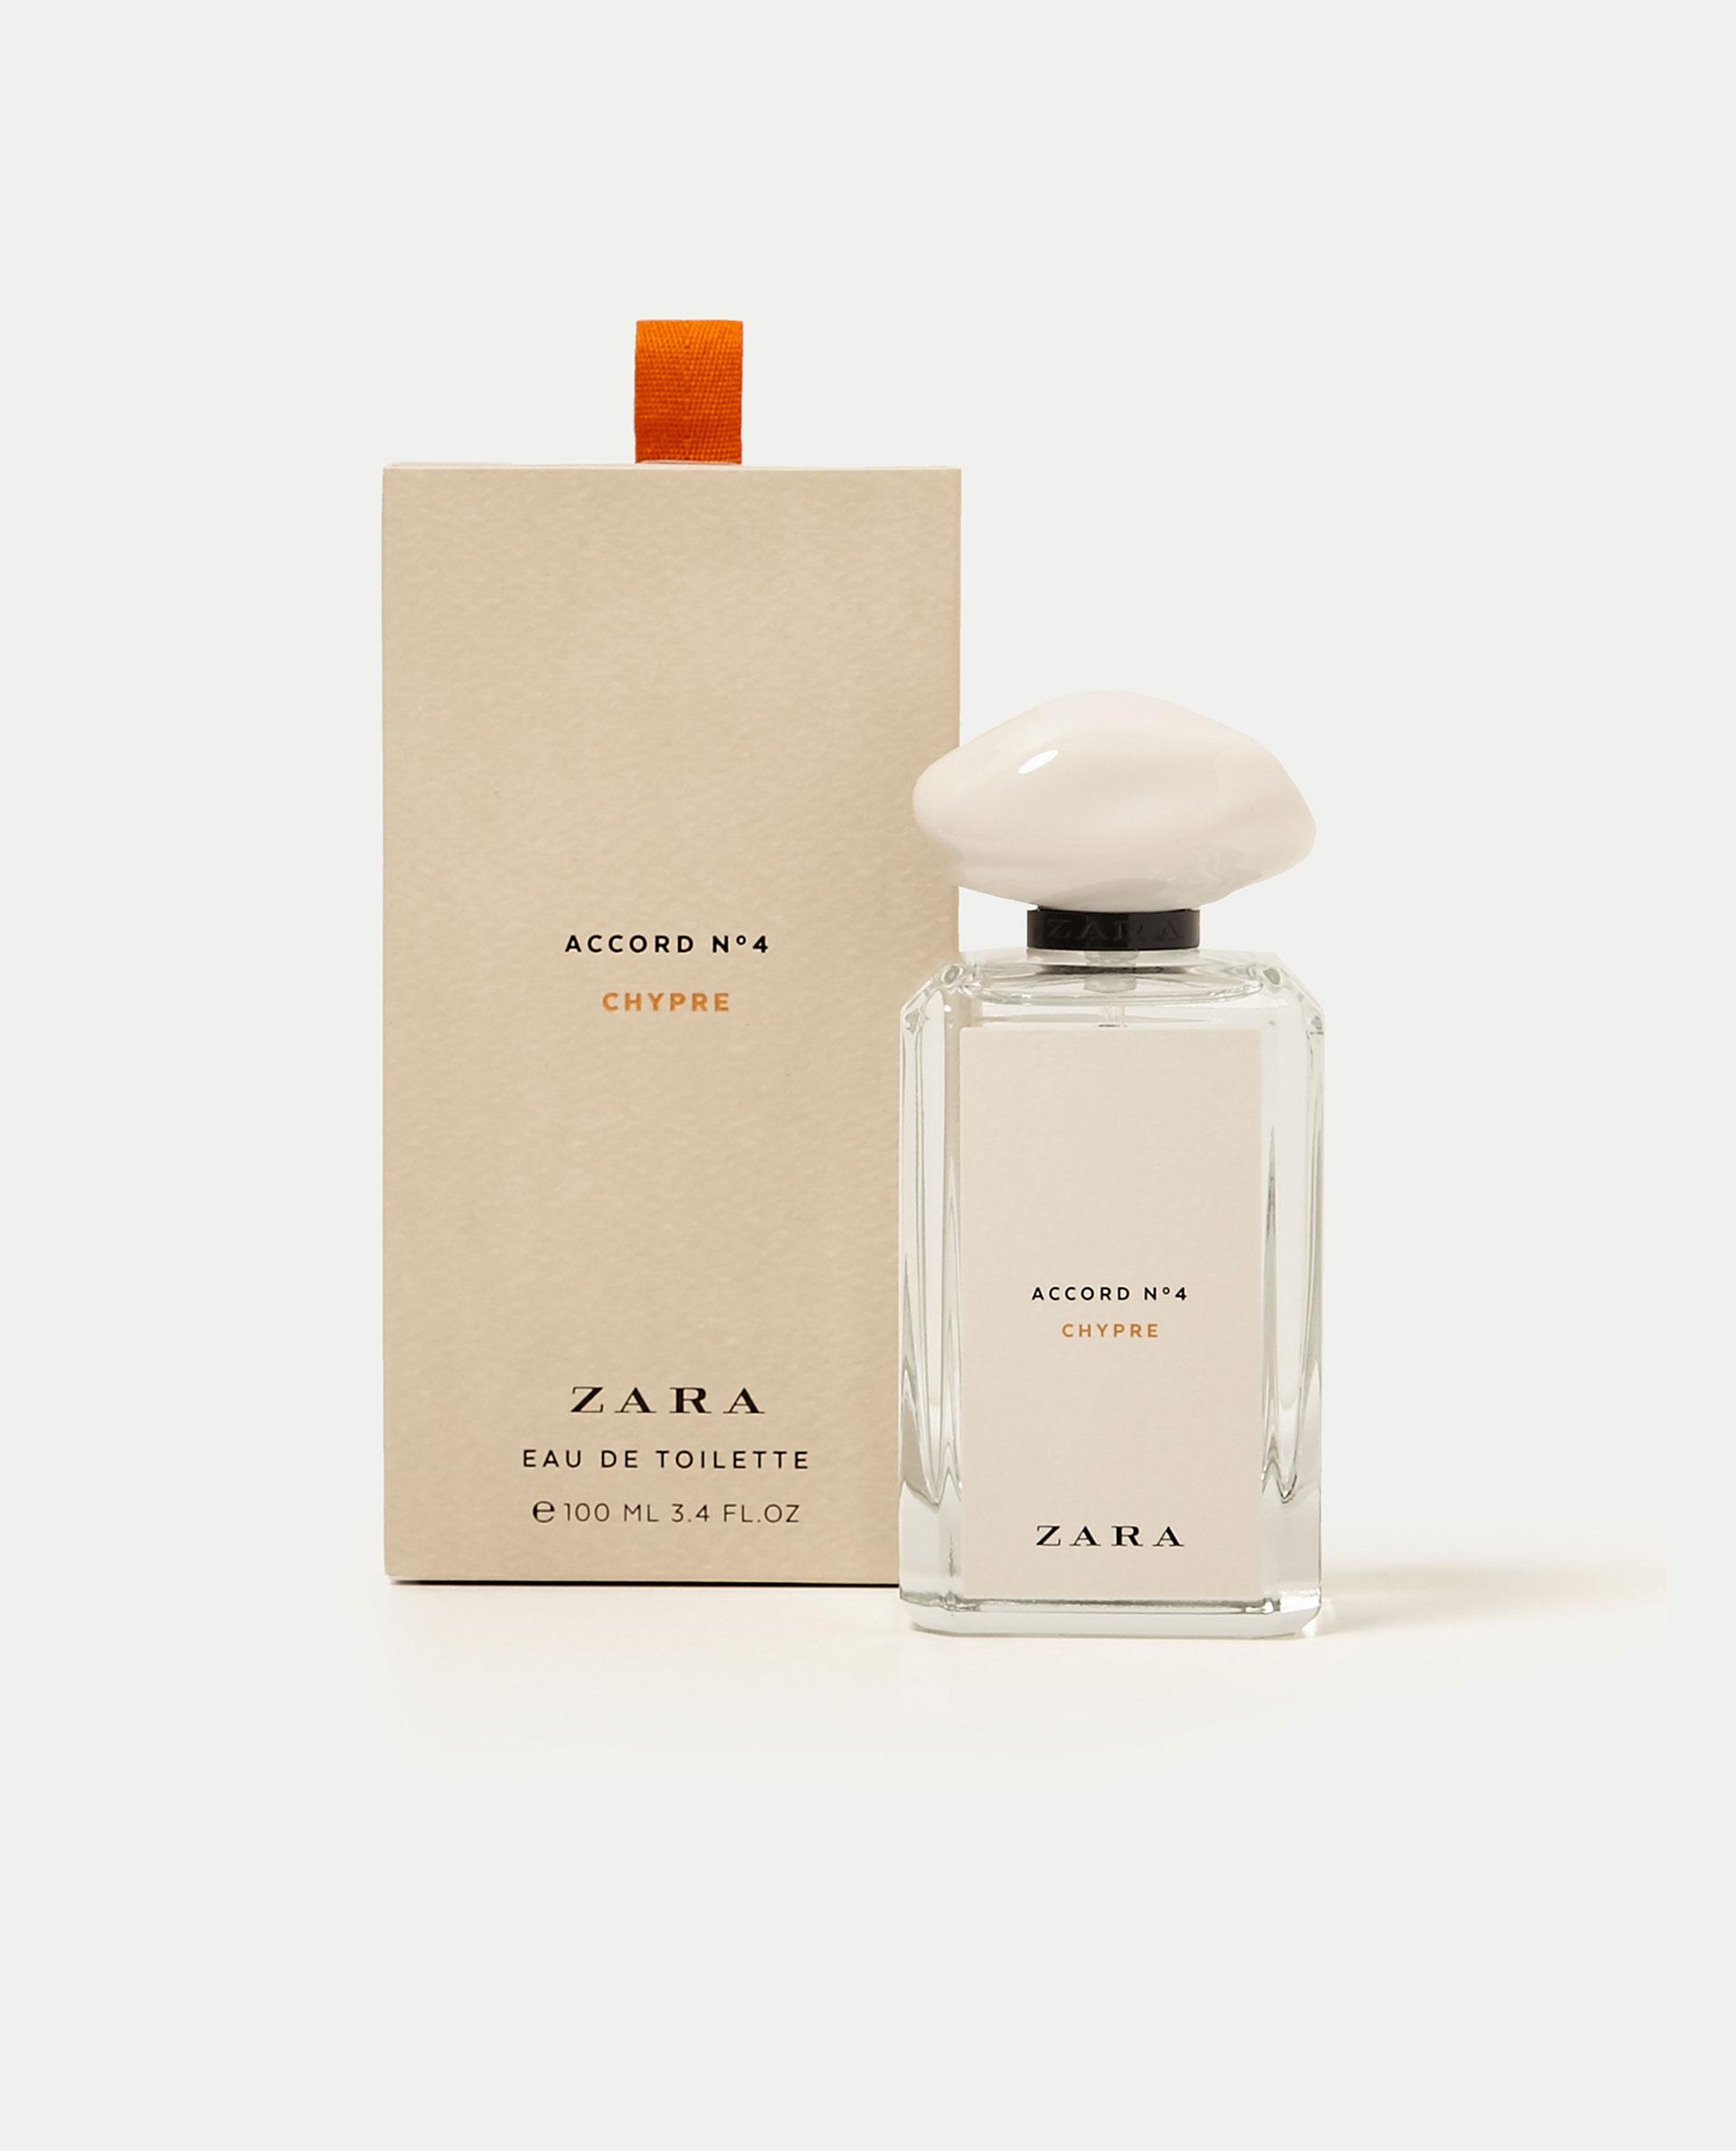 Femme 2017 Parfum Chypre 4 Pour Accord Zara Nouveau No Un IWEH9D2